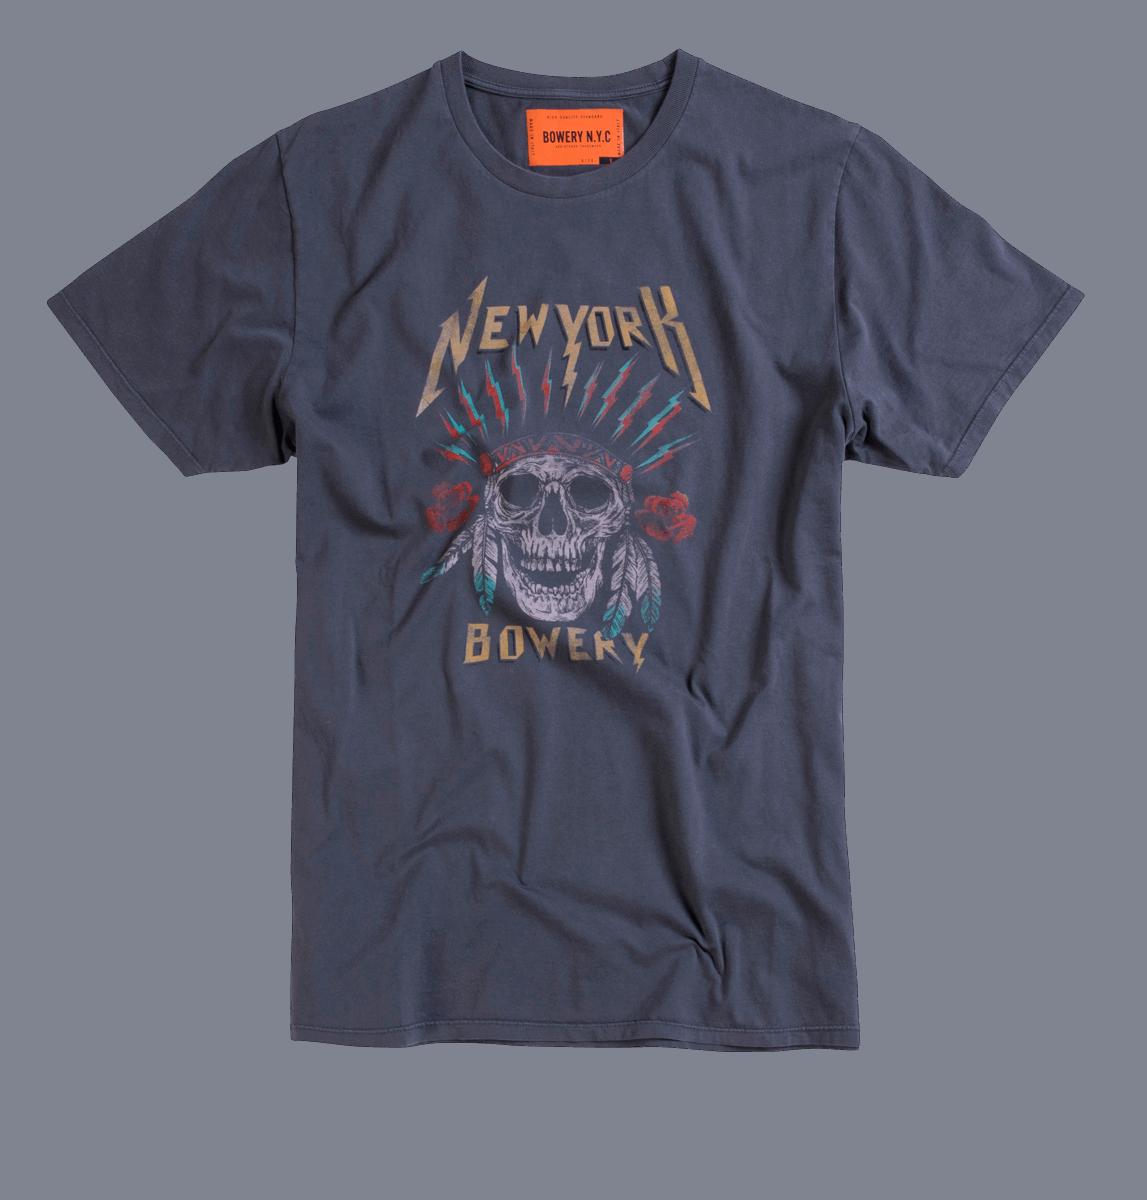 Bowery NYC - New York Skull - Gun Metall